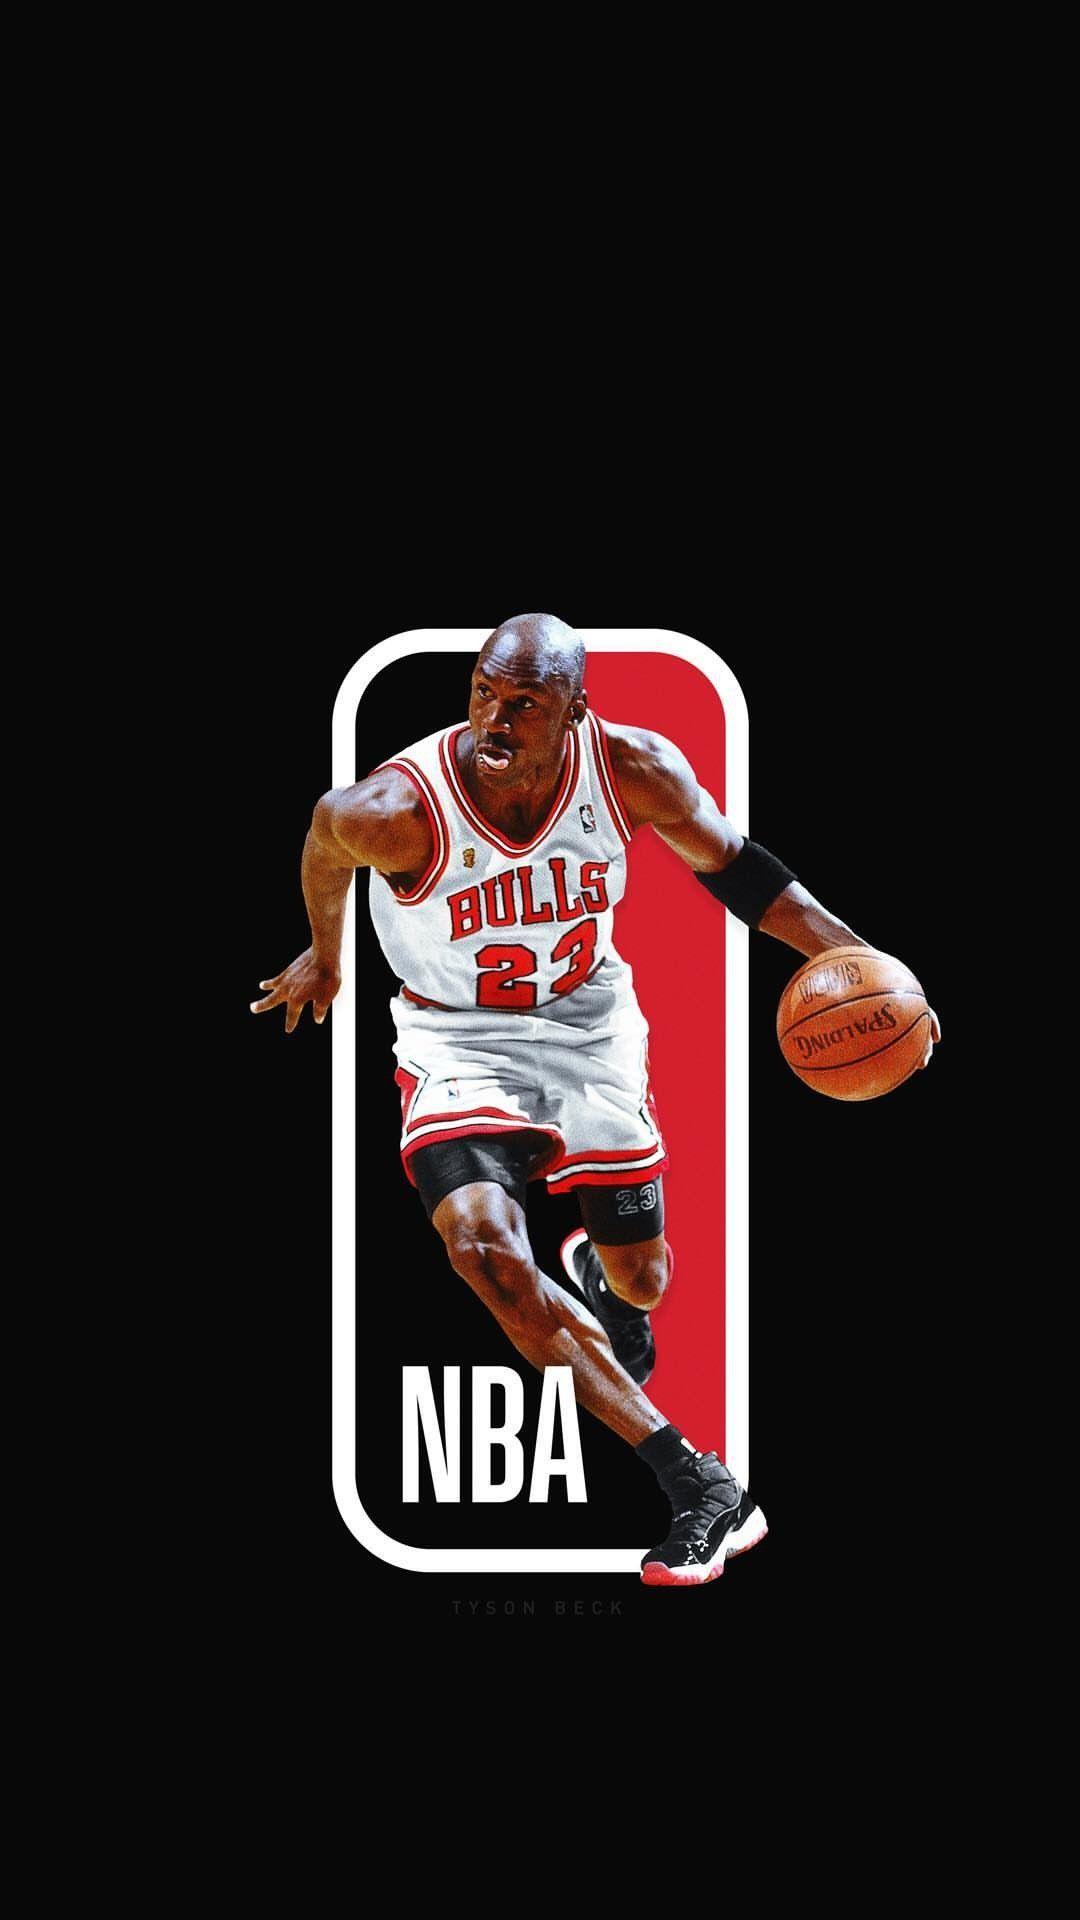 Michael Jordan wallpaper Mickael jordan, Nba, Joueurs de